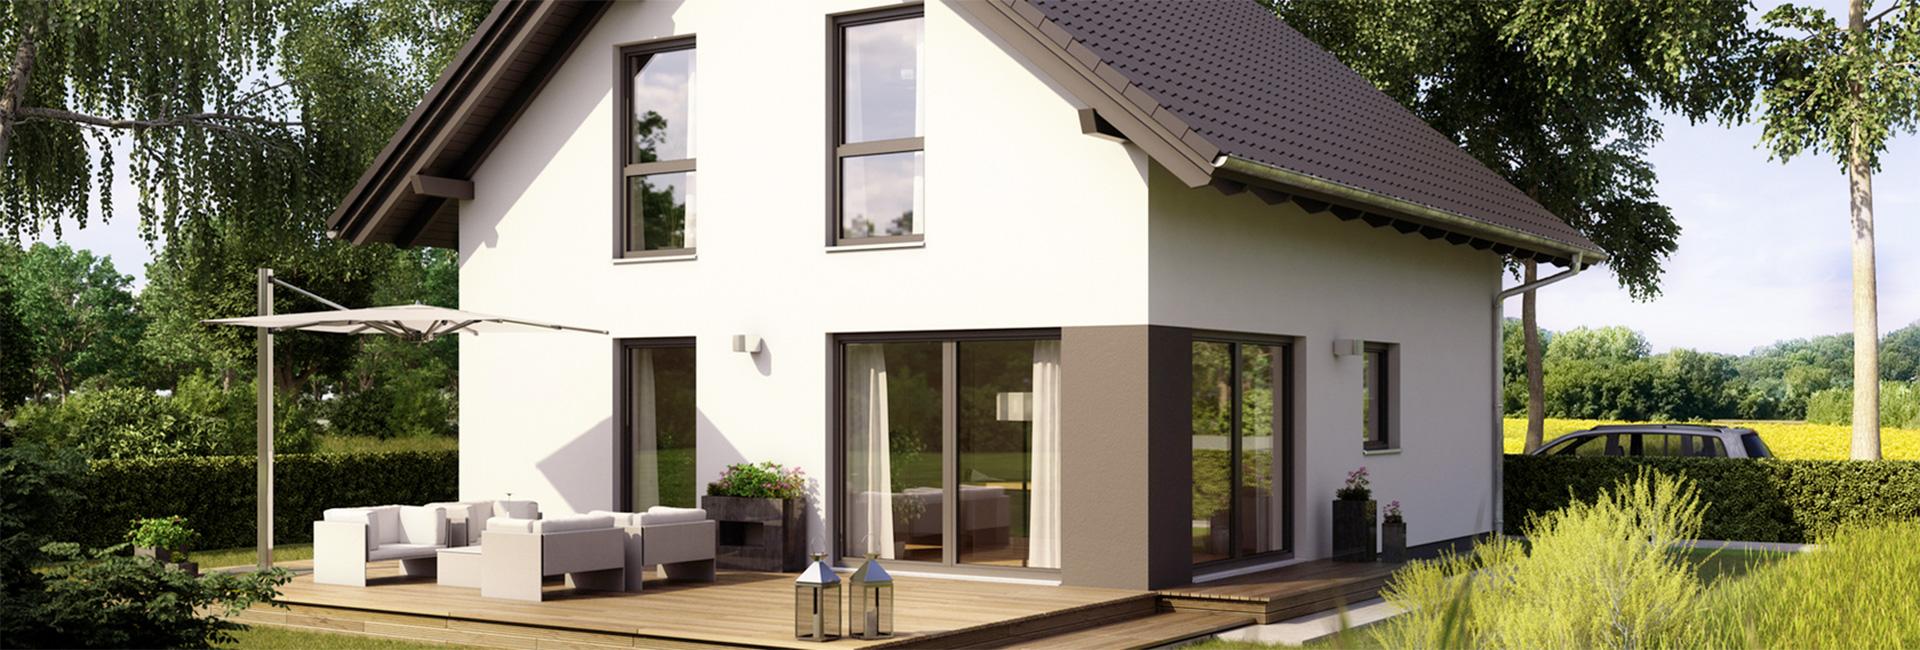 holiday resort ag medley 3 0. Black Bedroom Furniture Sets. Home Design Ideas